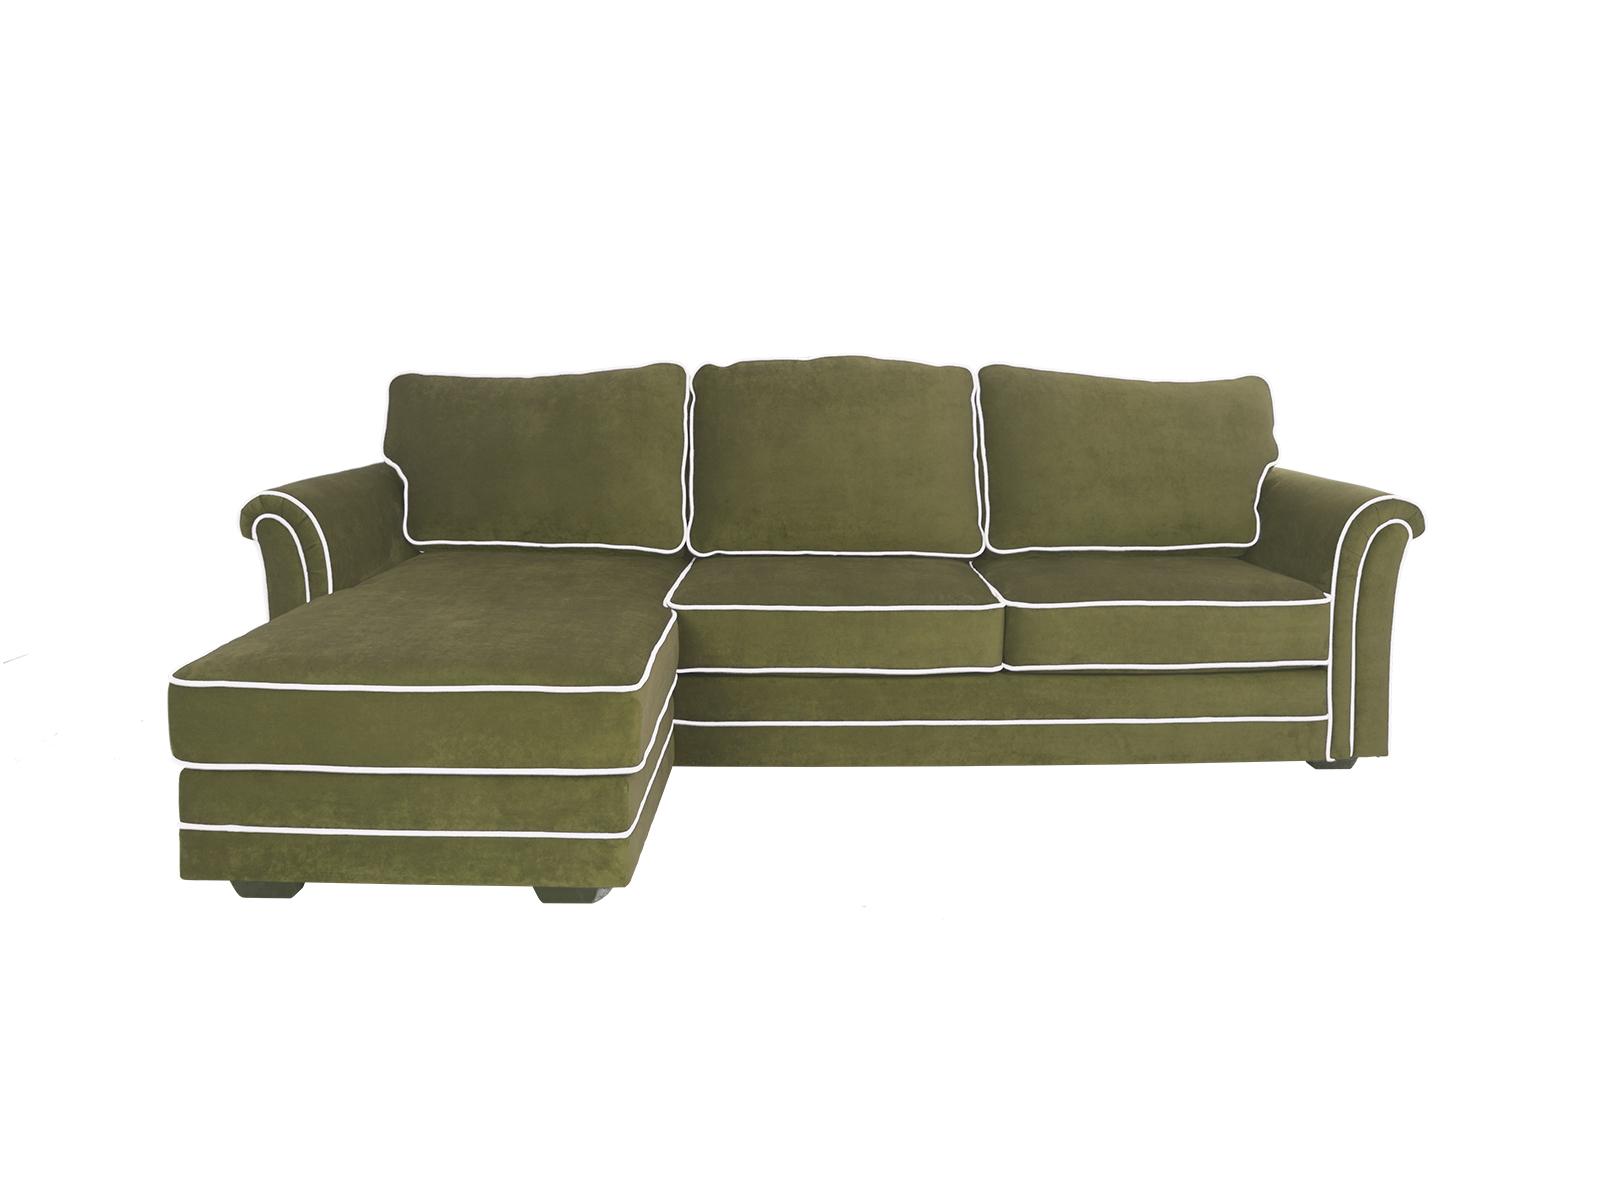 Диван SydneyДиваны и кушетки<br>Угловой диван-кровать с оттоманкой и ёмкостью для хранения. Оттоманка может располагаться как с левой, так и с правой стороны. Размер спального места 1840х1330 мм. Механизм трансформации Sedaflex. Каталог материалов, PDF<br>